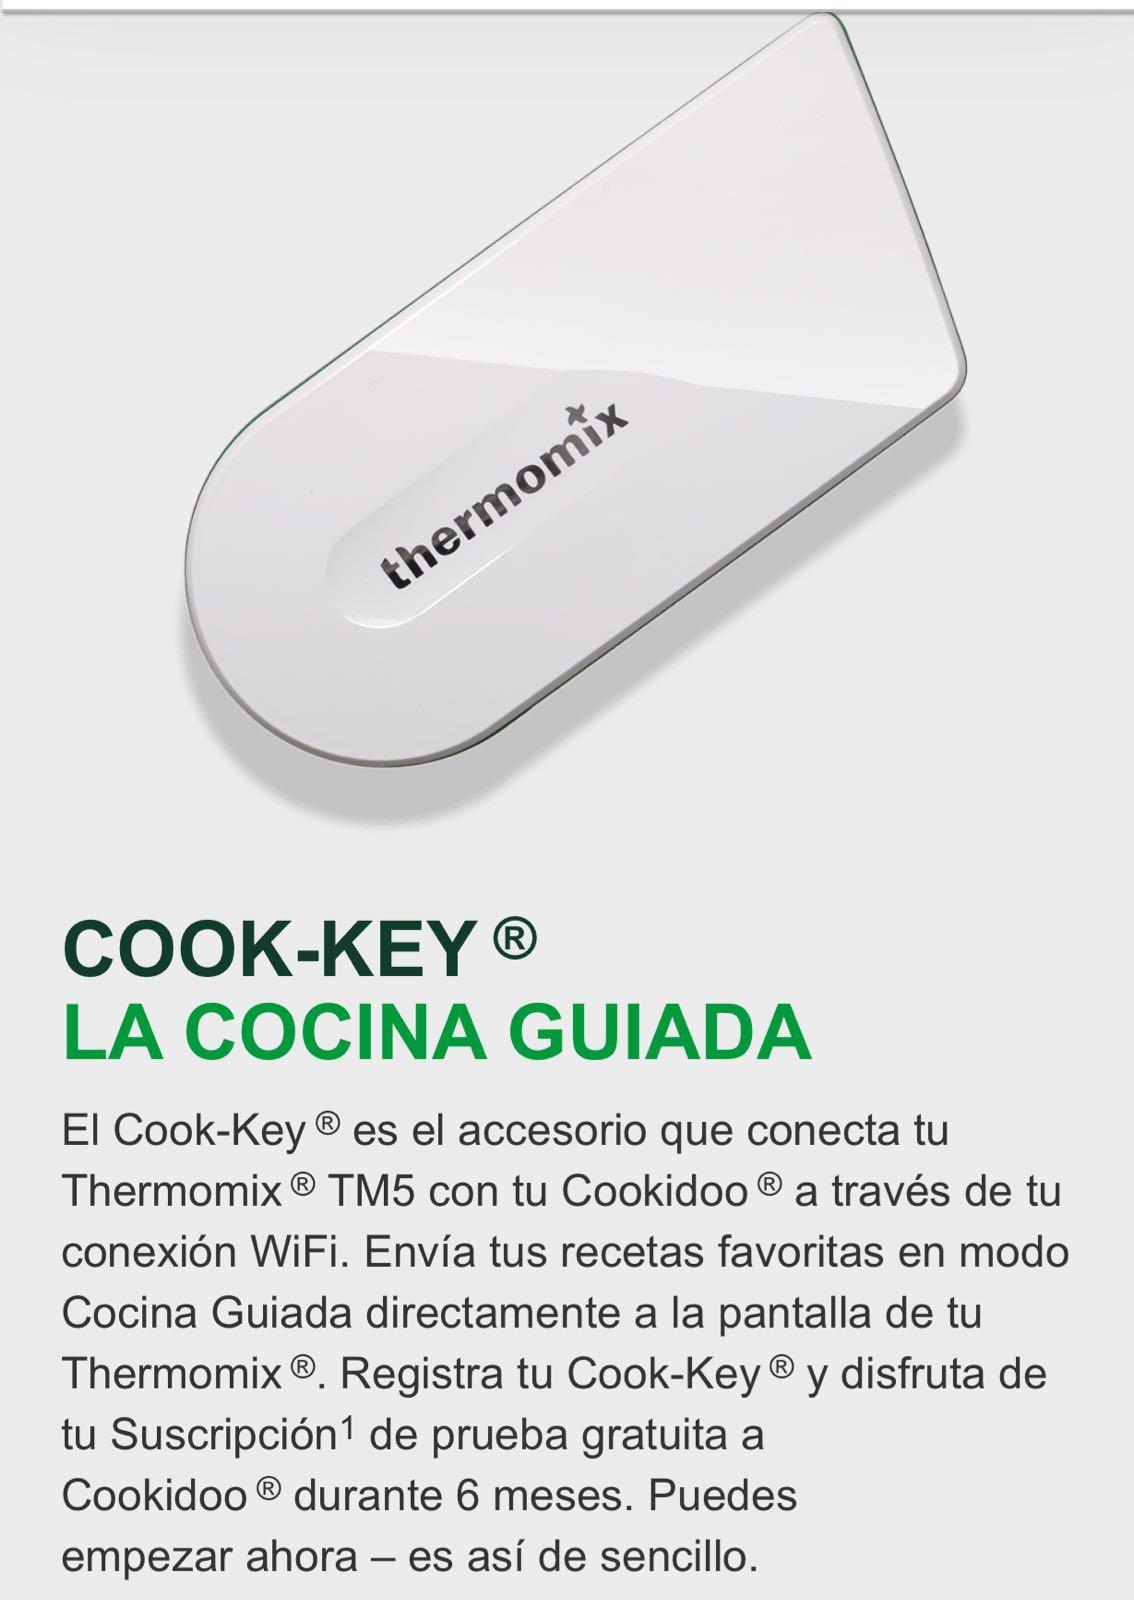 COOK-KEY La Cocina Guiada